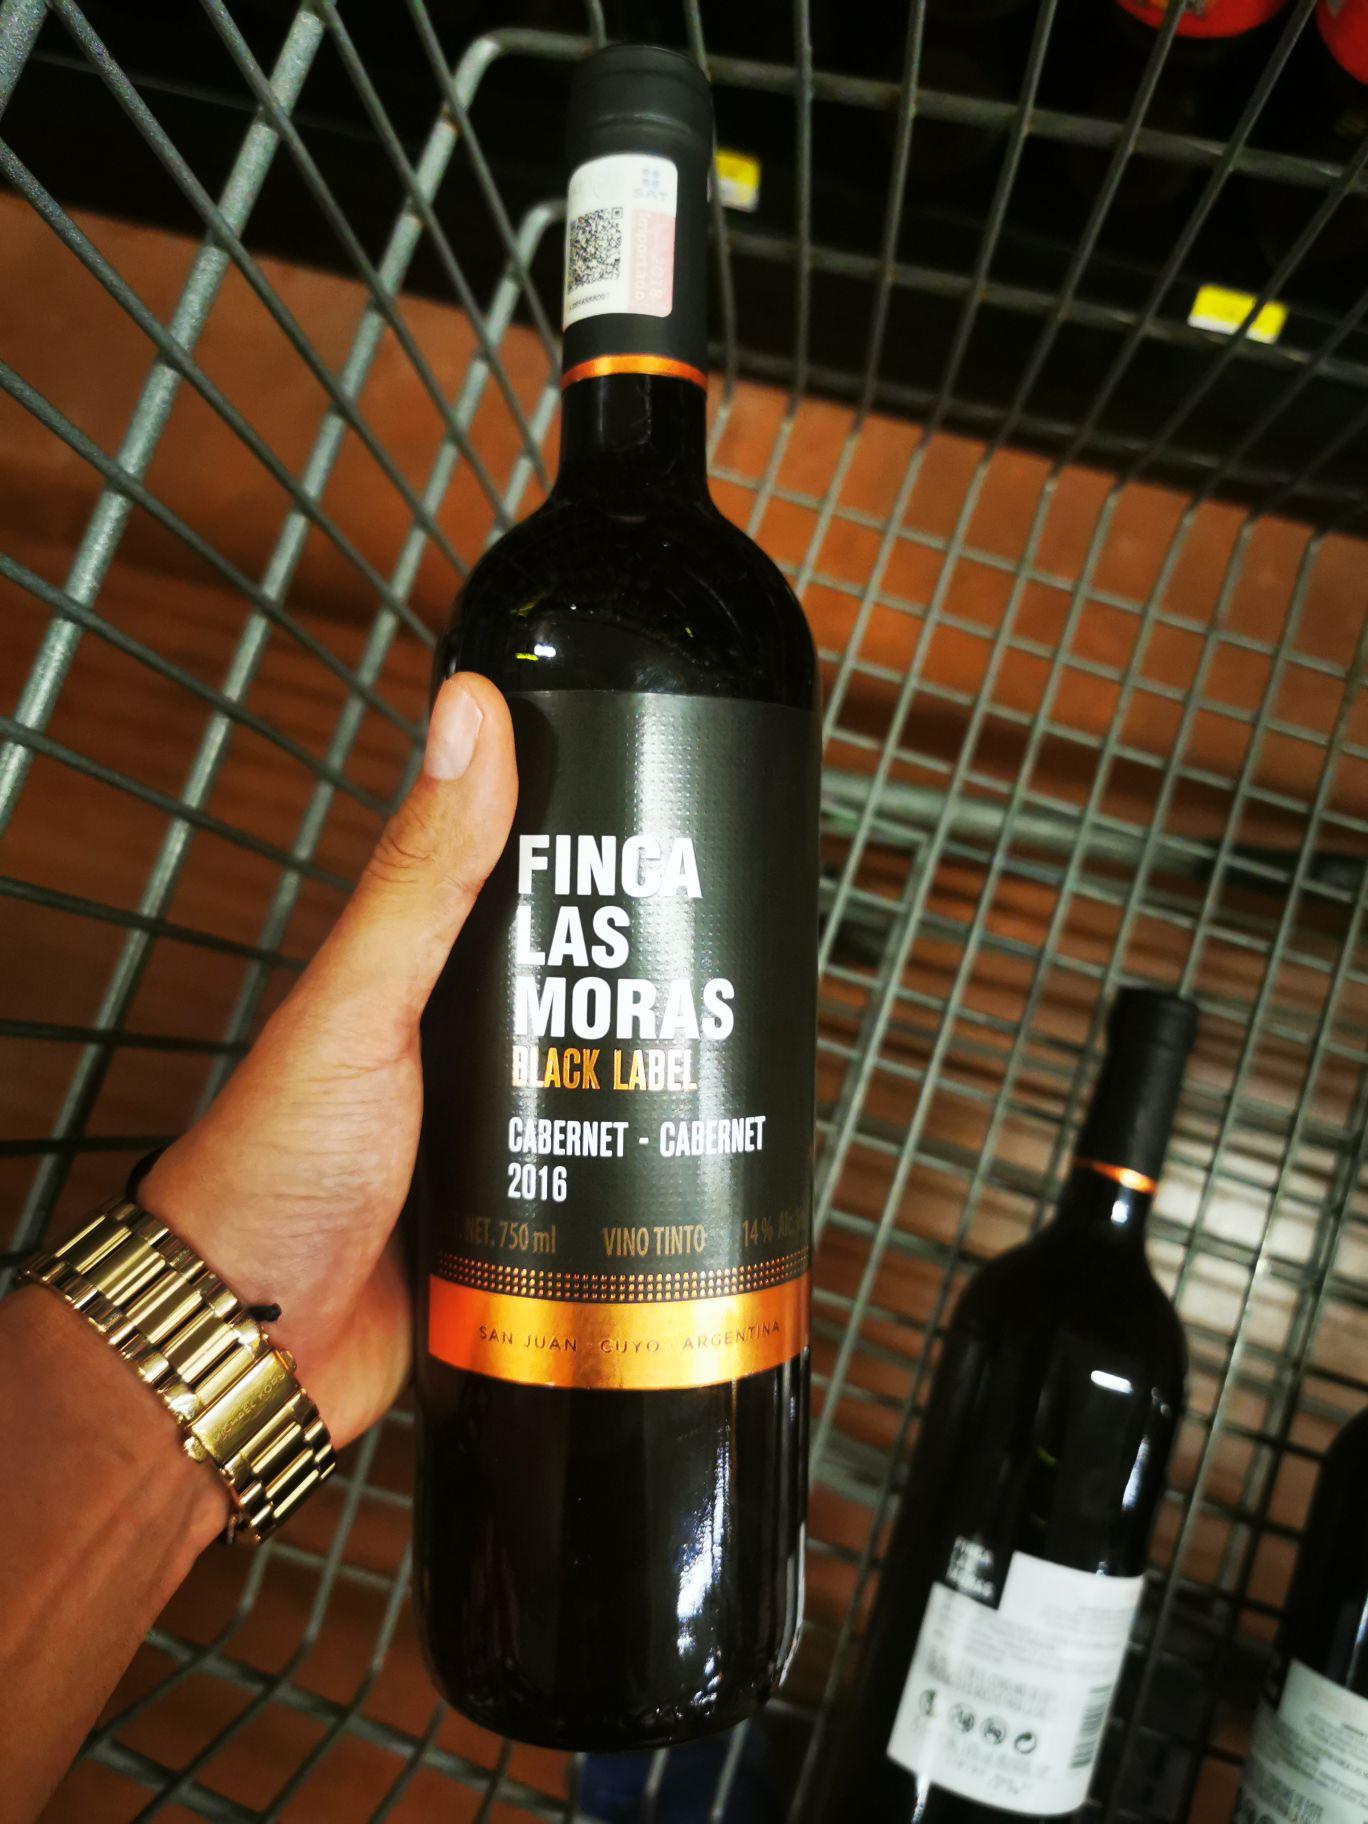 Walmart Tapachula. VINO tinto las moras Black label